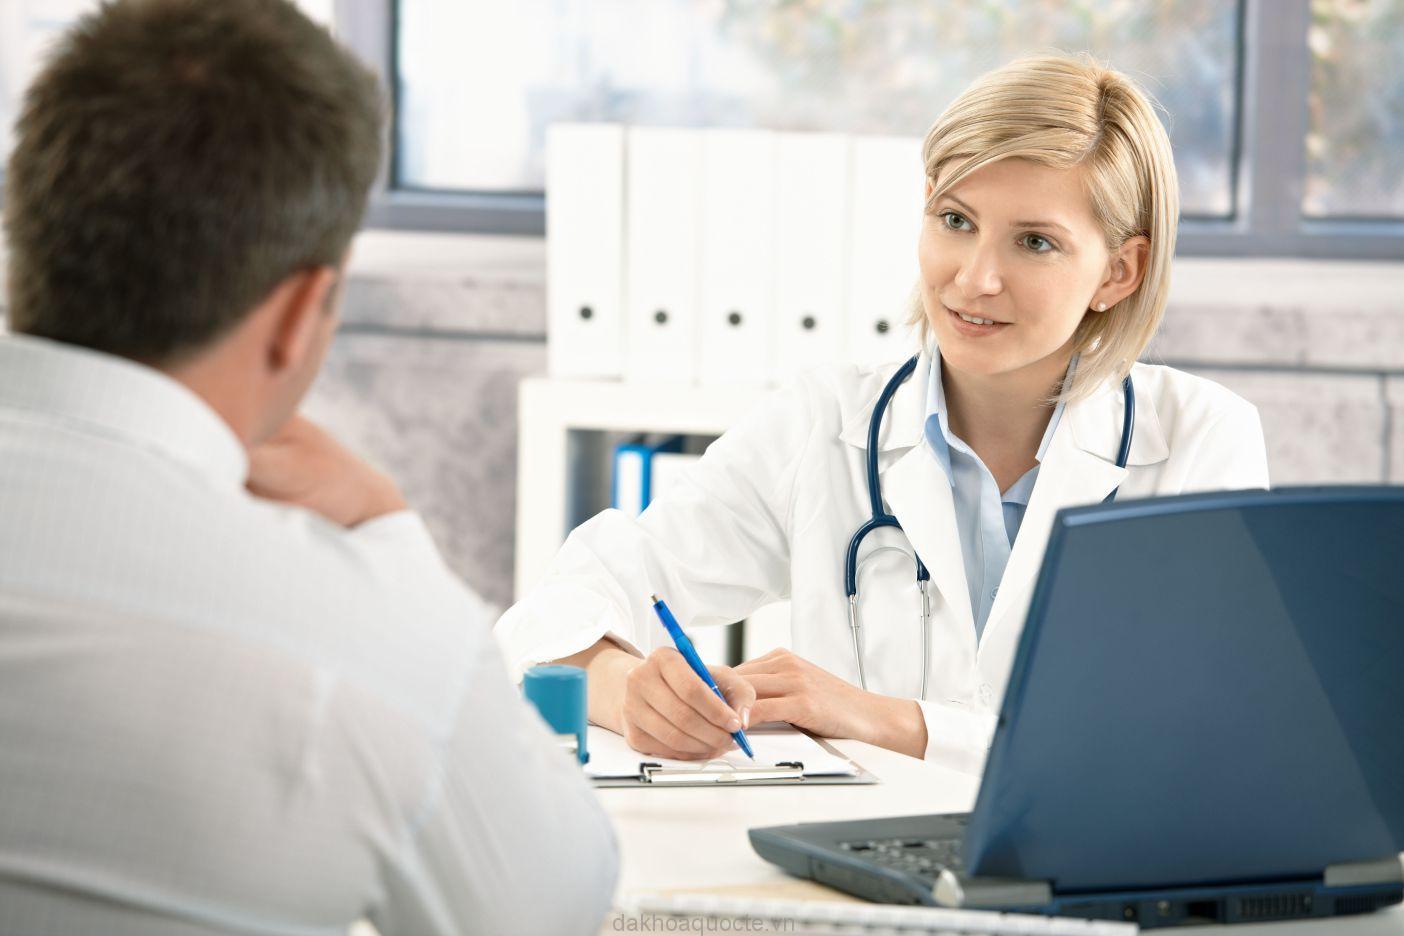 Để chữa trị liệt dương cần xác định đúng nguyên nhân.